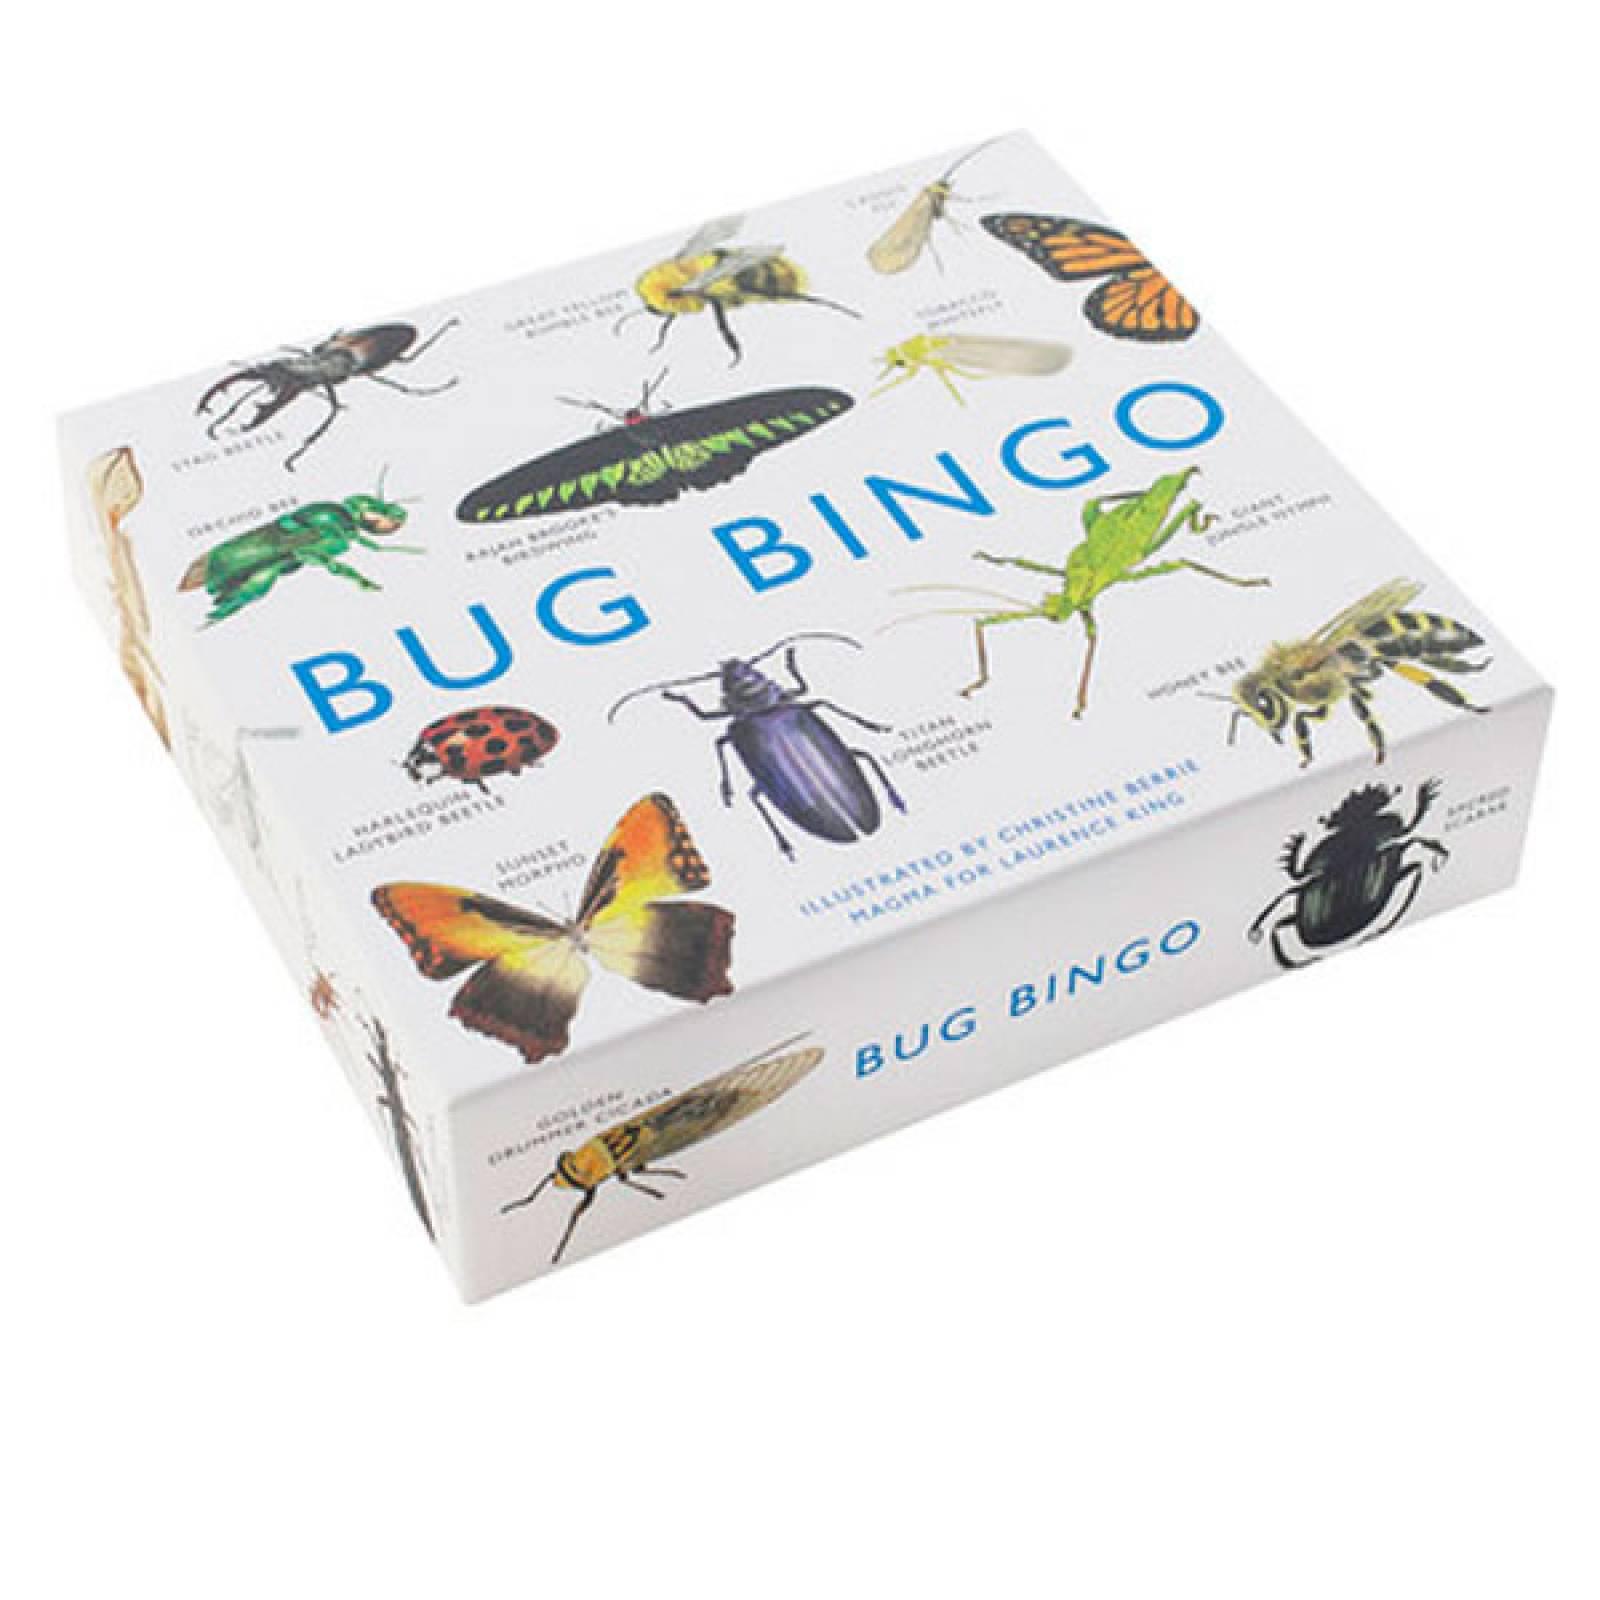 Bug Bingo 6+